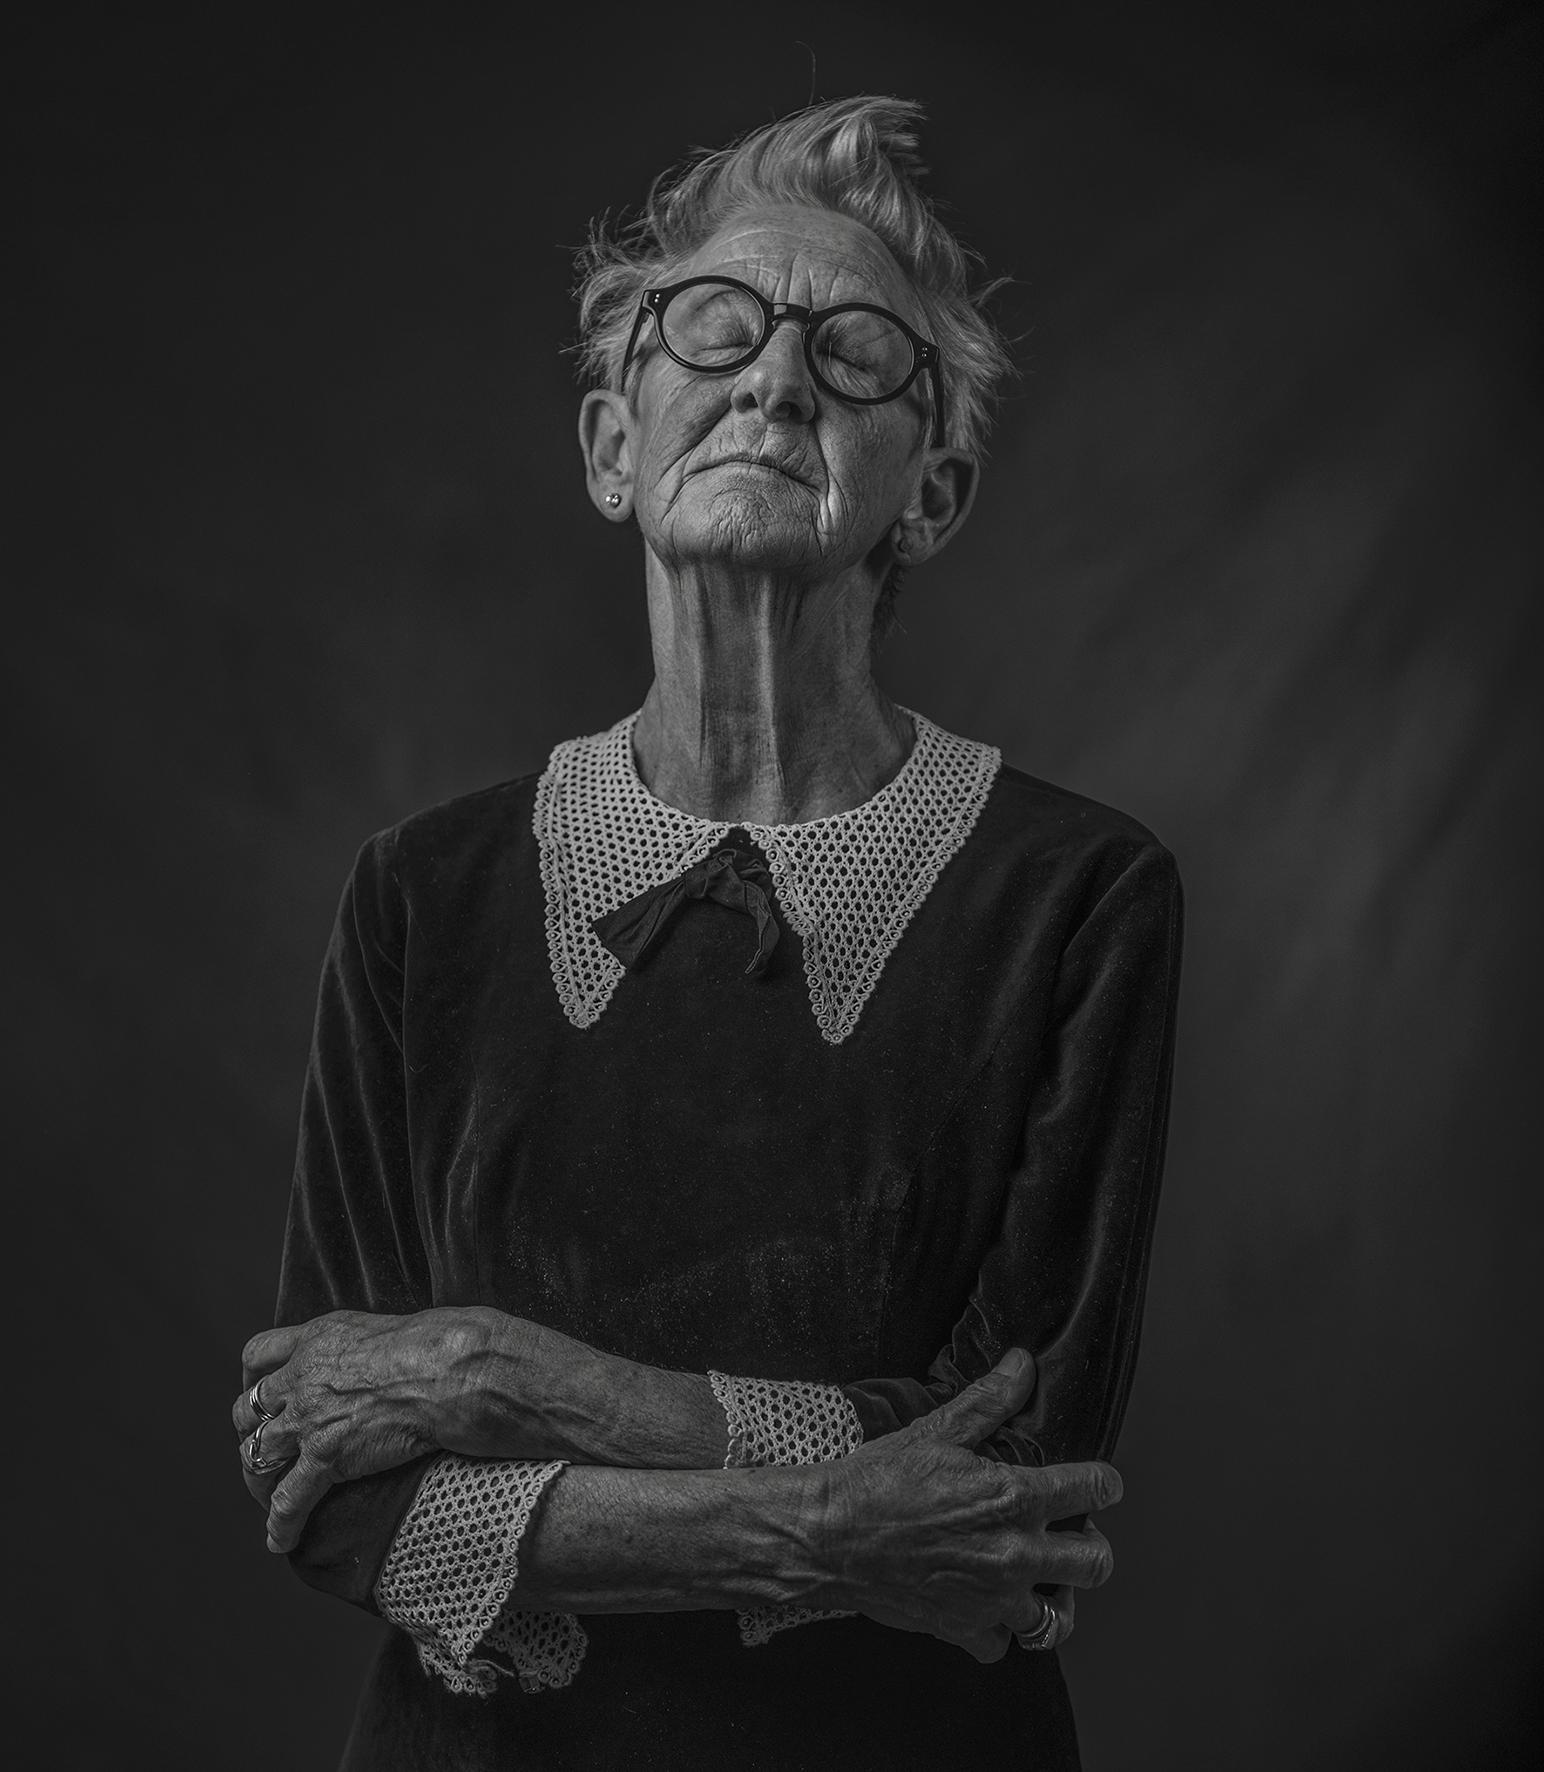 foto: ©Ewa Cwikla - Mama, Netherlands National Awards 2017, 2017 Sony World Photography Awards